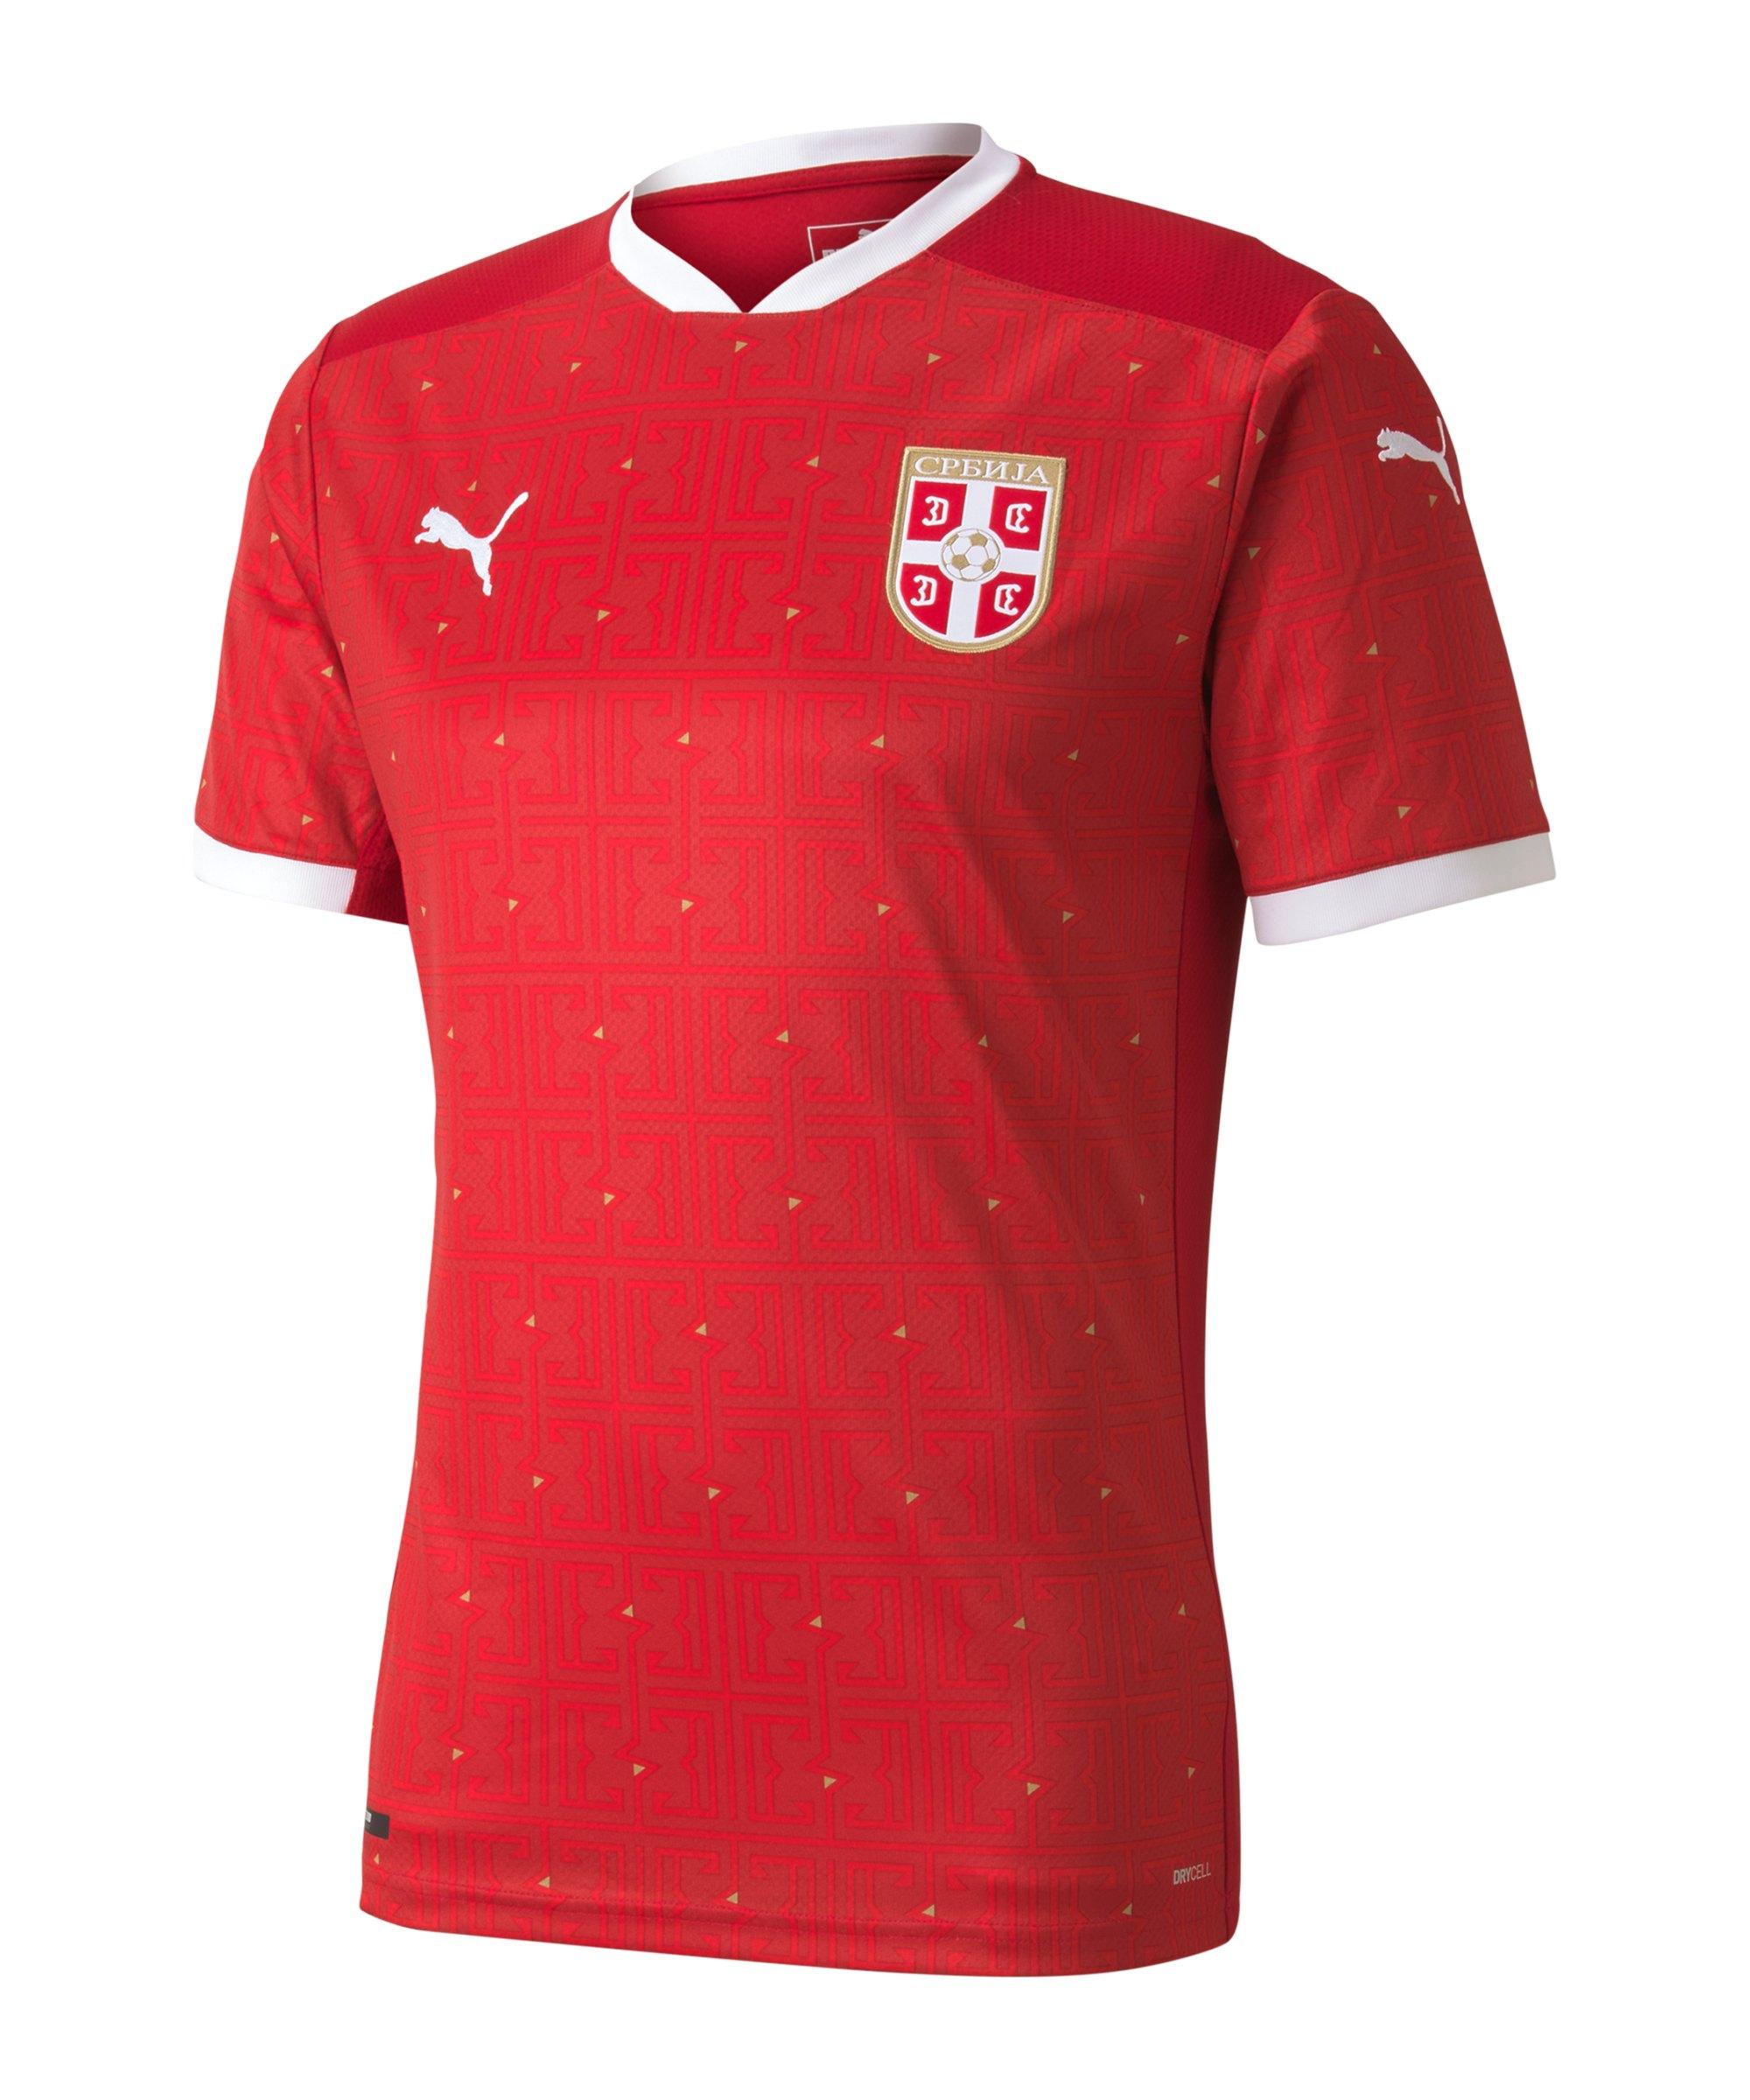 PUMA Serbien Trikot Home EM 2021 Rot F01 - rot